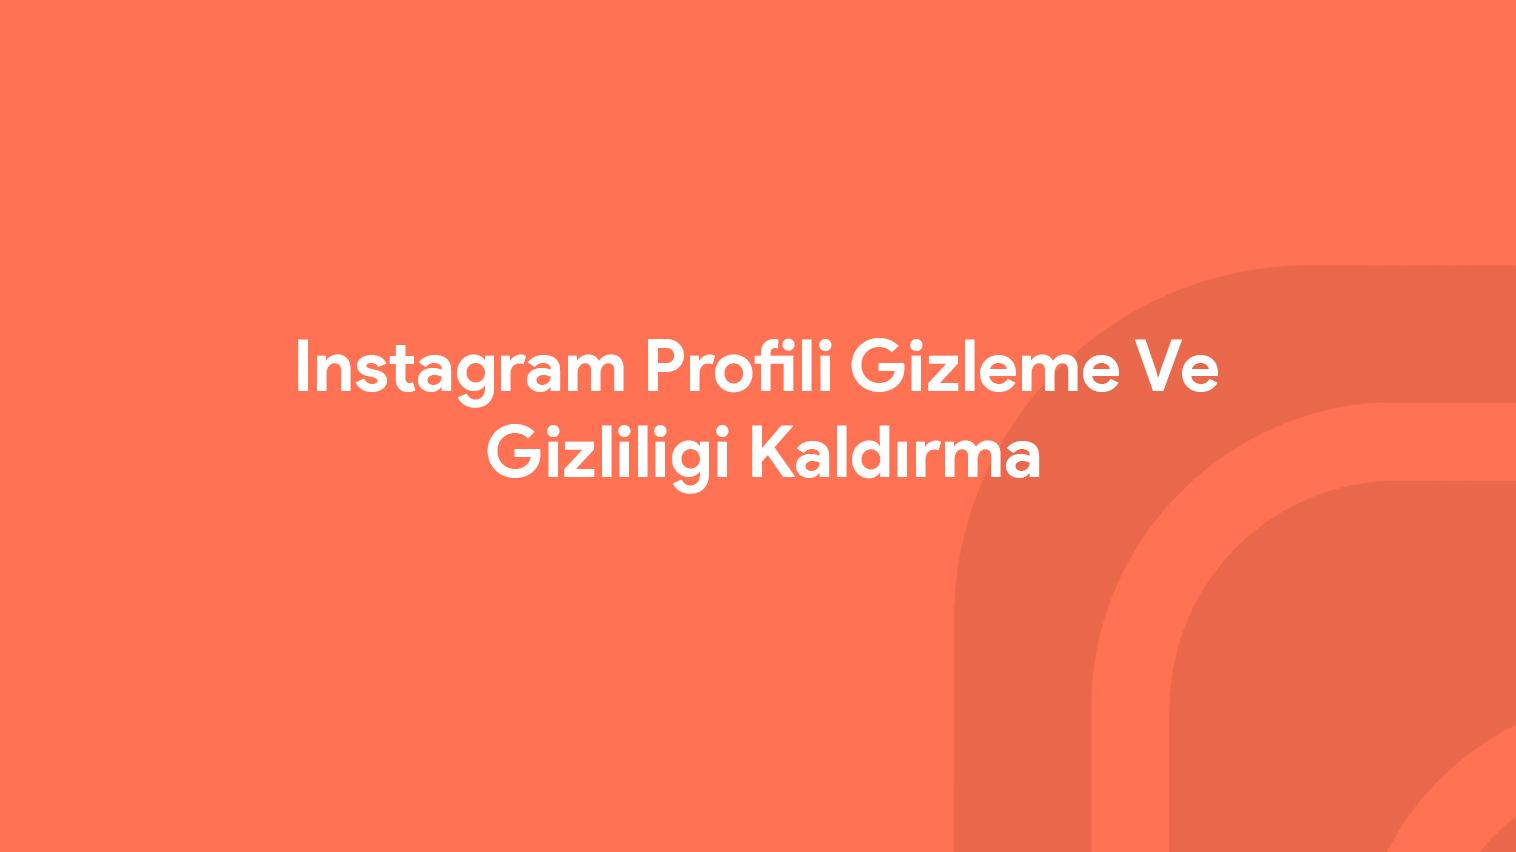 Instagram Profili Gizleme ve Gizliği Kaldırma Nasıl Yapılır?